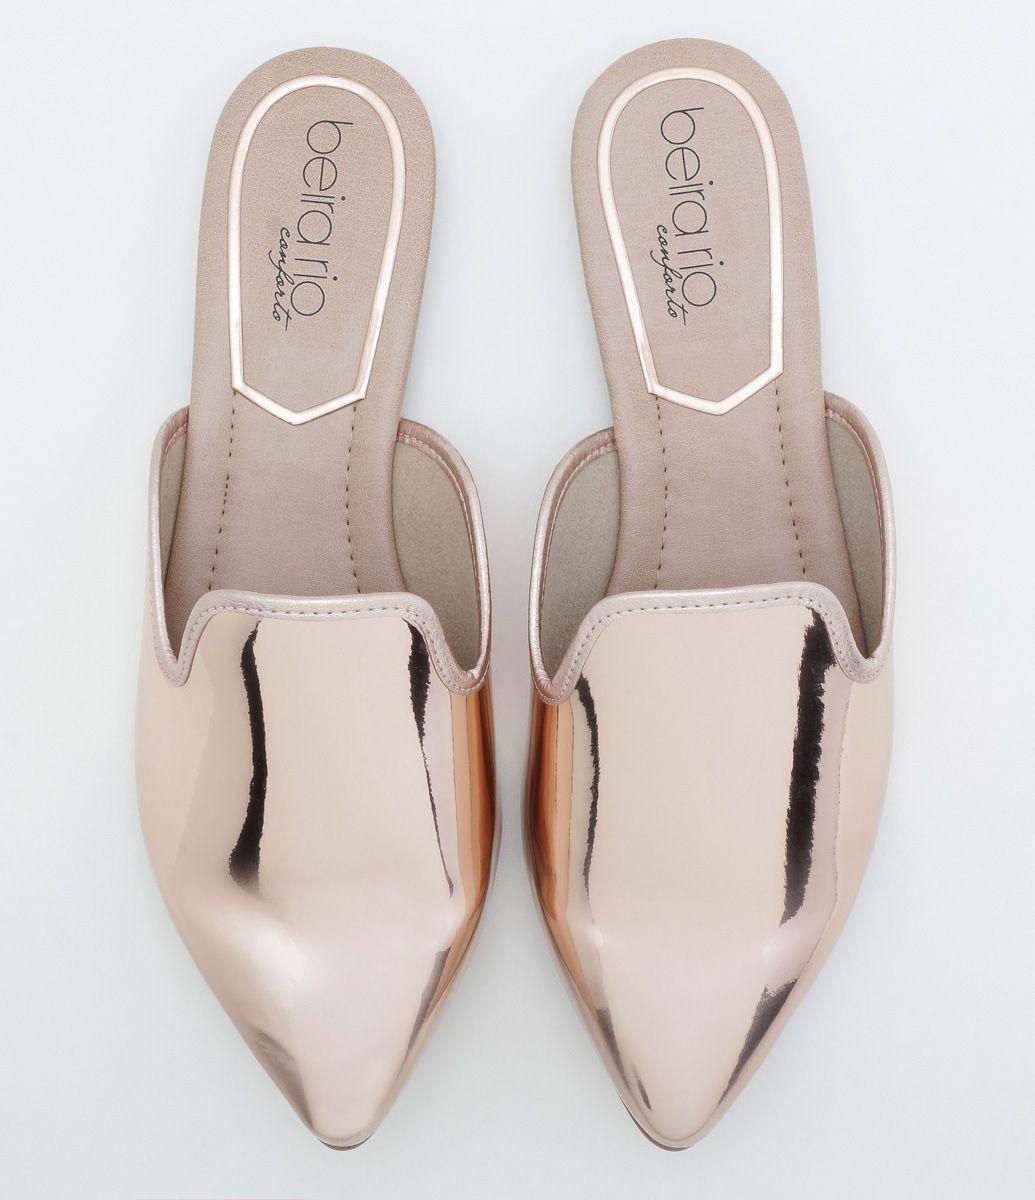 4f24f25d7 Sapato feminino Modelo mule Metalizada Material  sintético Marca  Beira Rio  COLEÇÃO INVERNO 2017 Veja